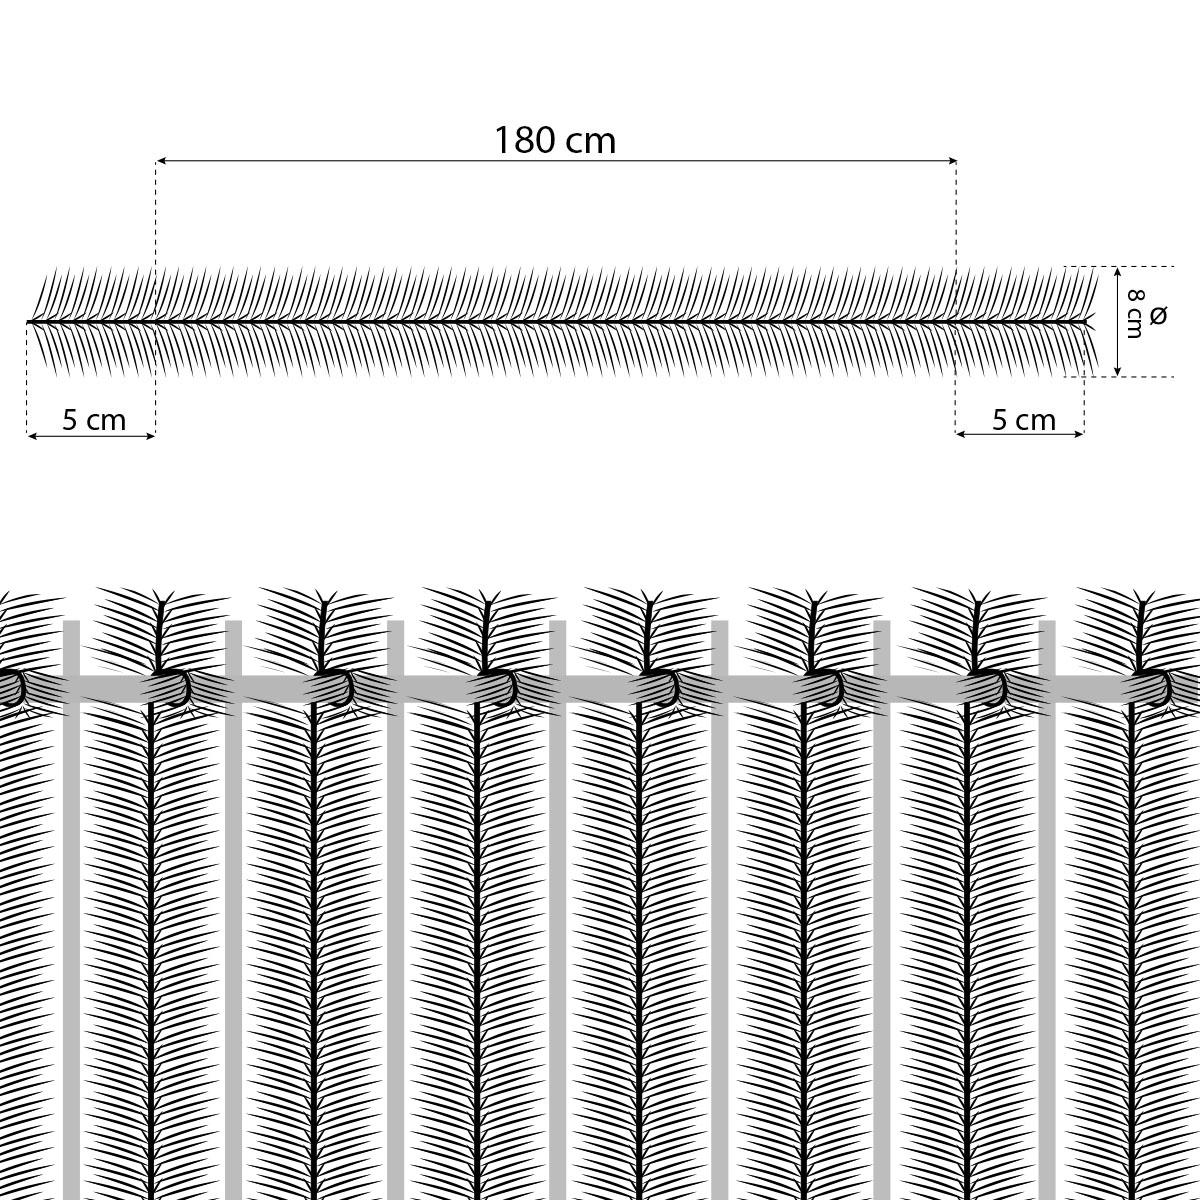 Sichtschutz-Balkon-Windschutz-PVC-Zaunblende-Kiefernoptik-Gruen-Schattiernetz